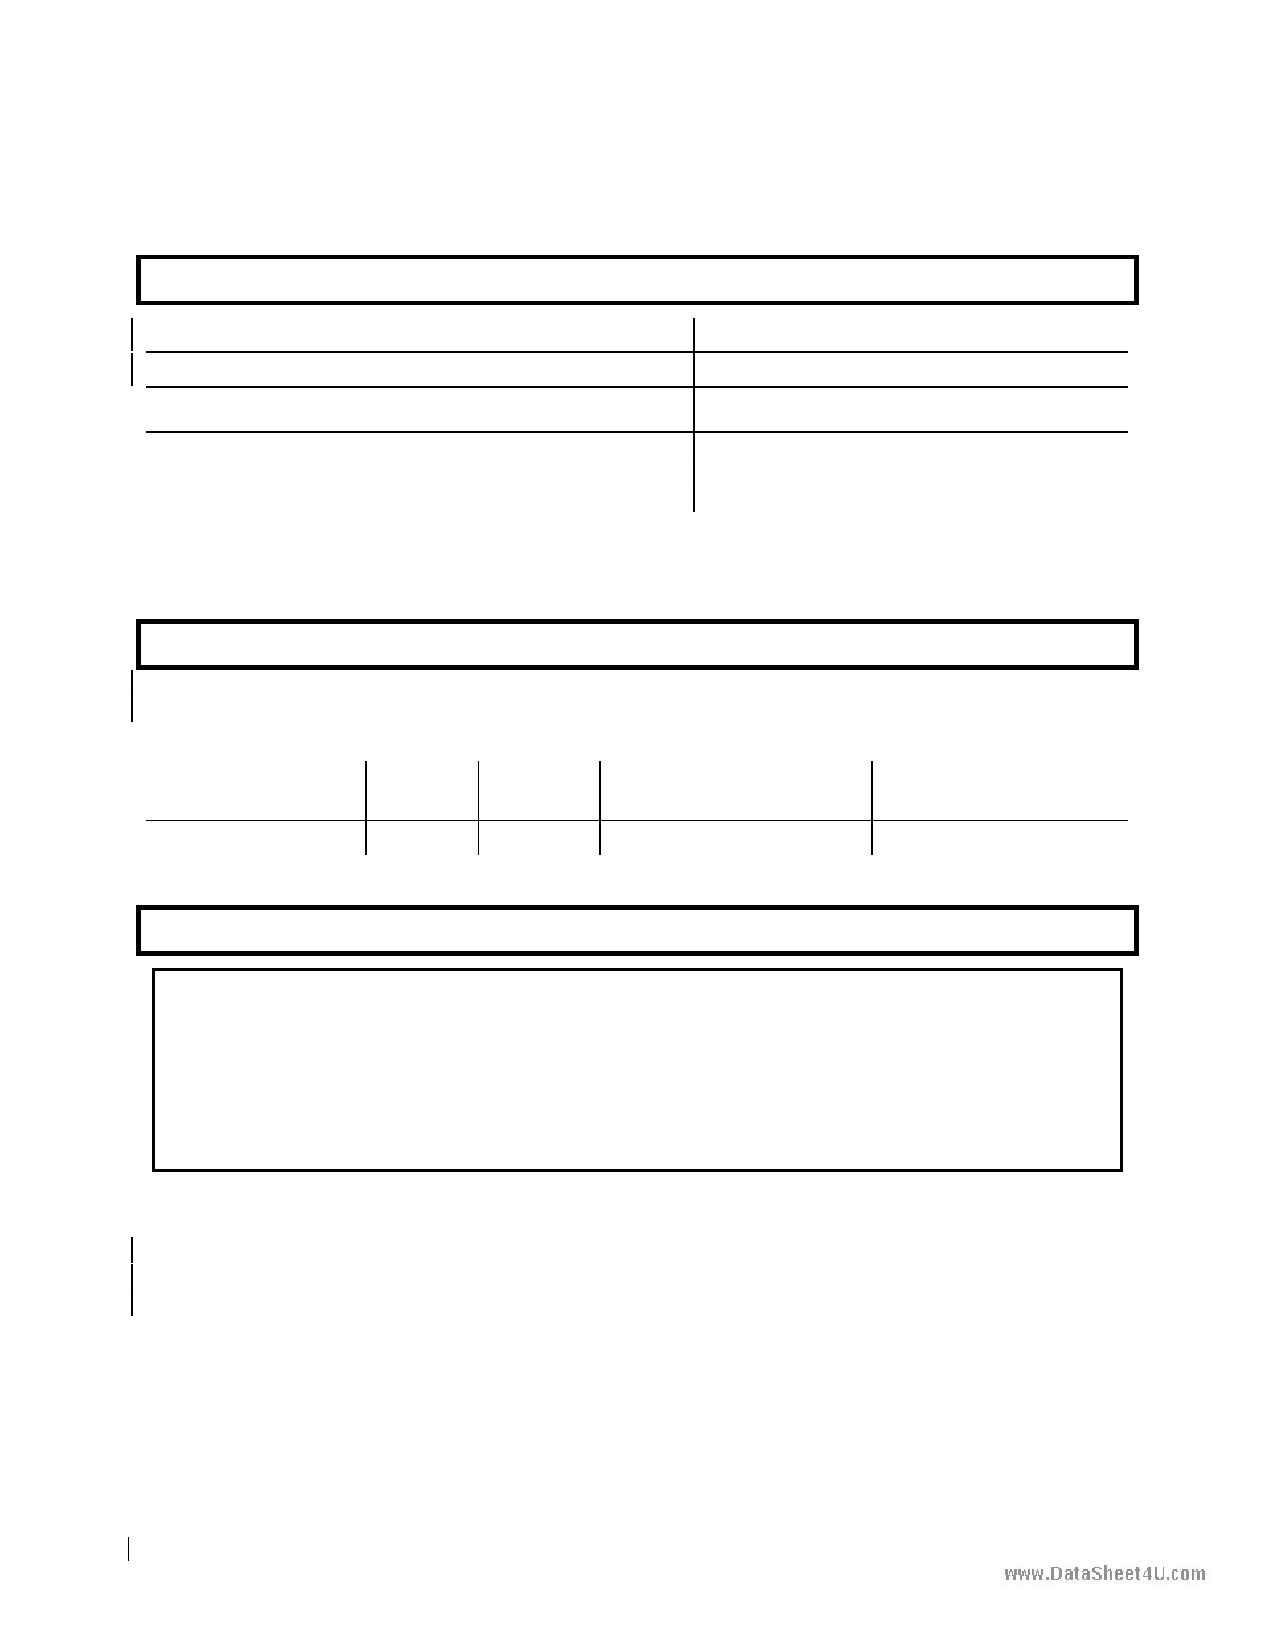 P-4602-F datasheet